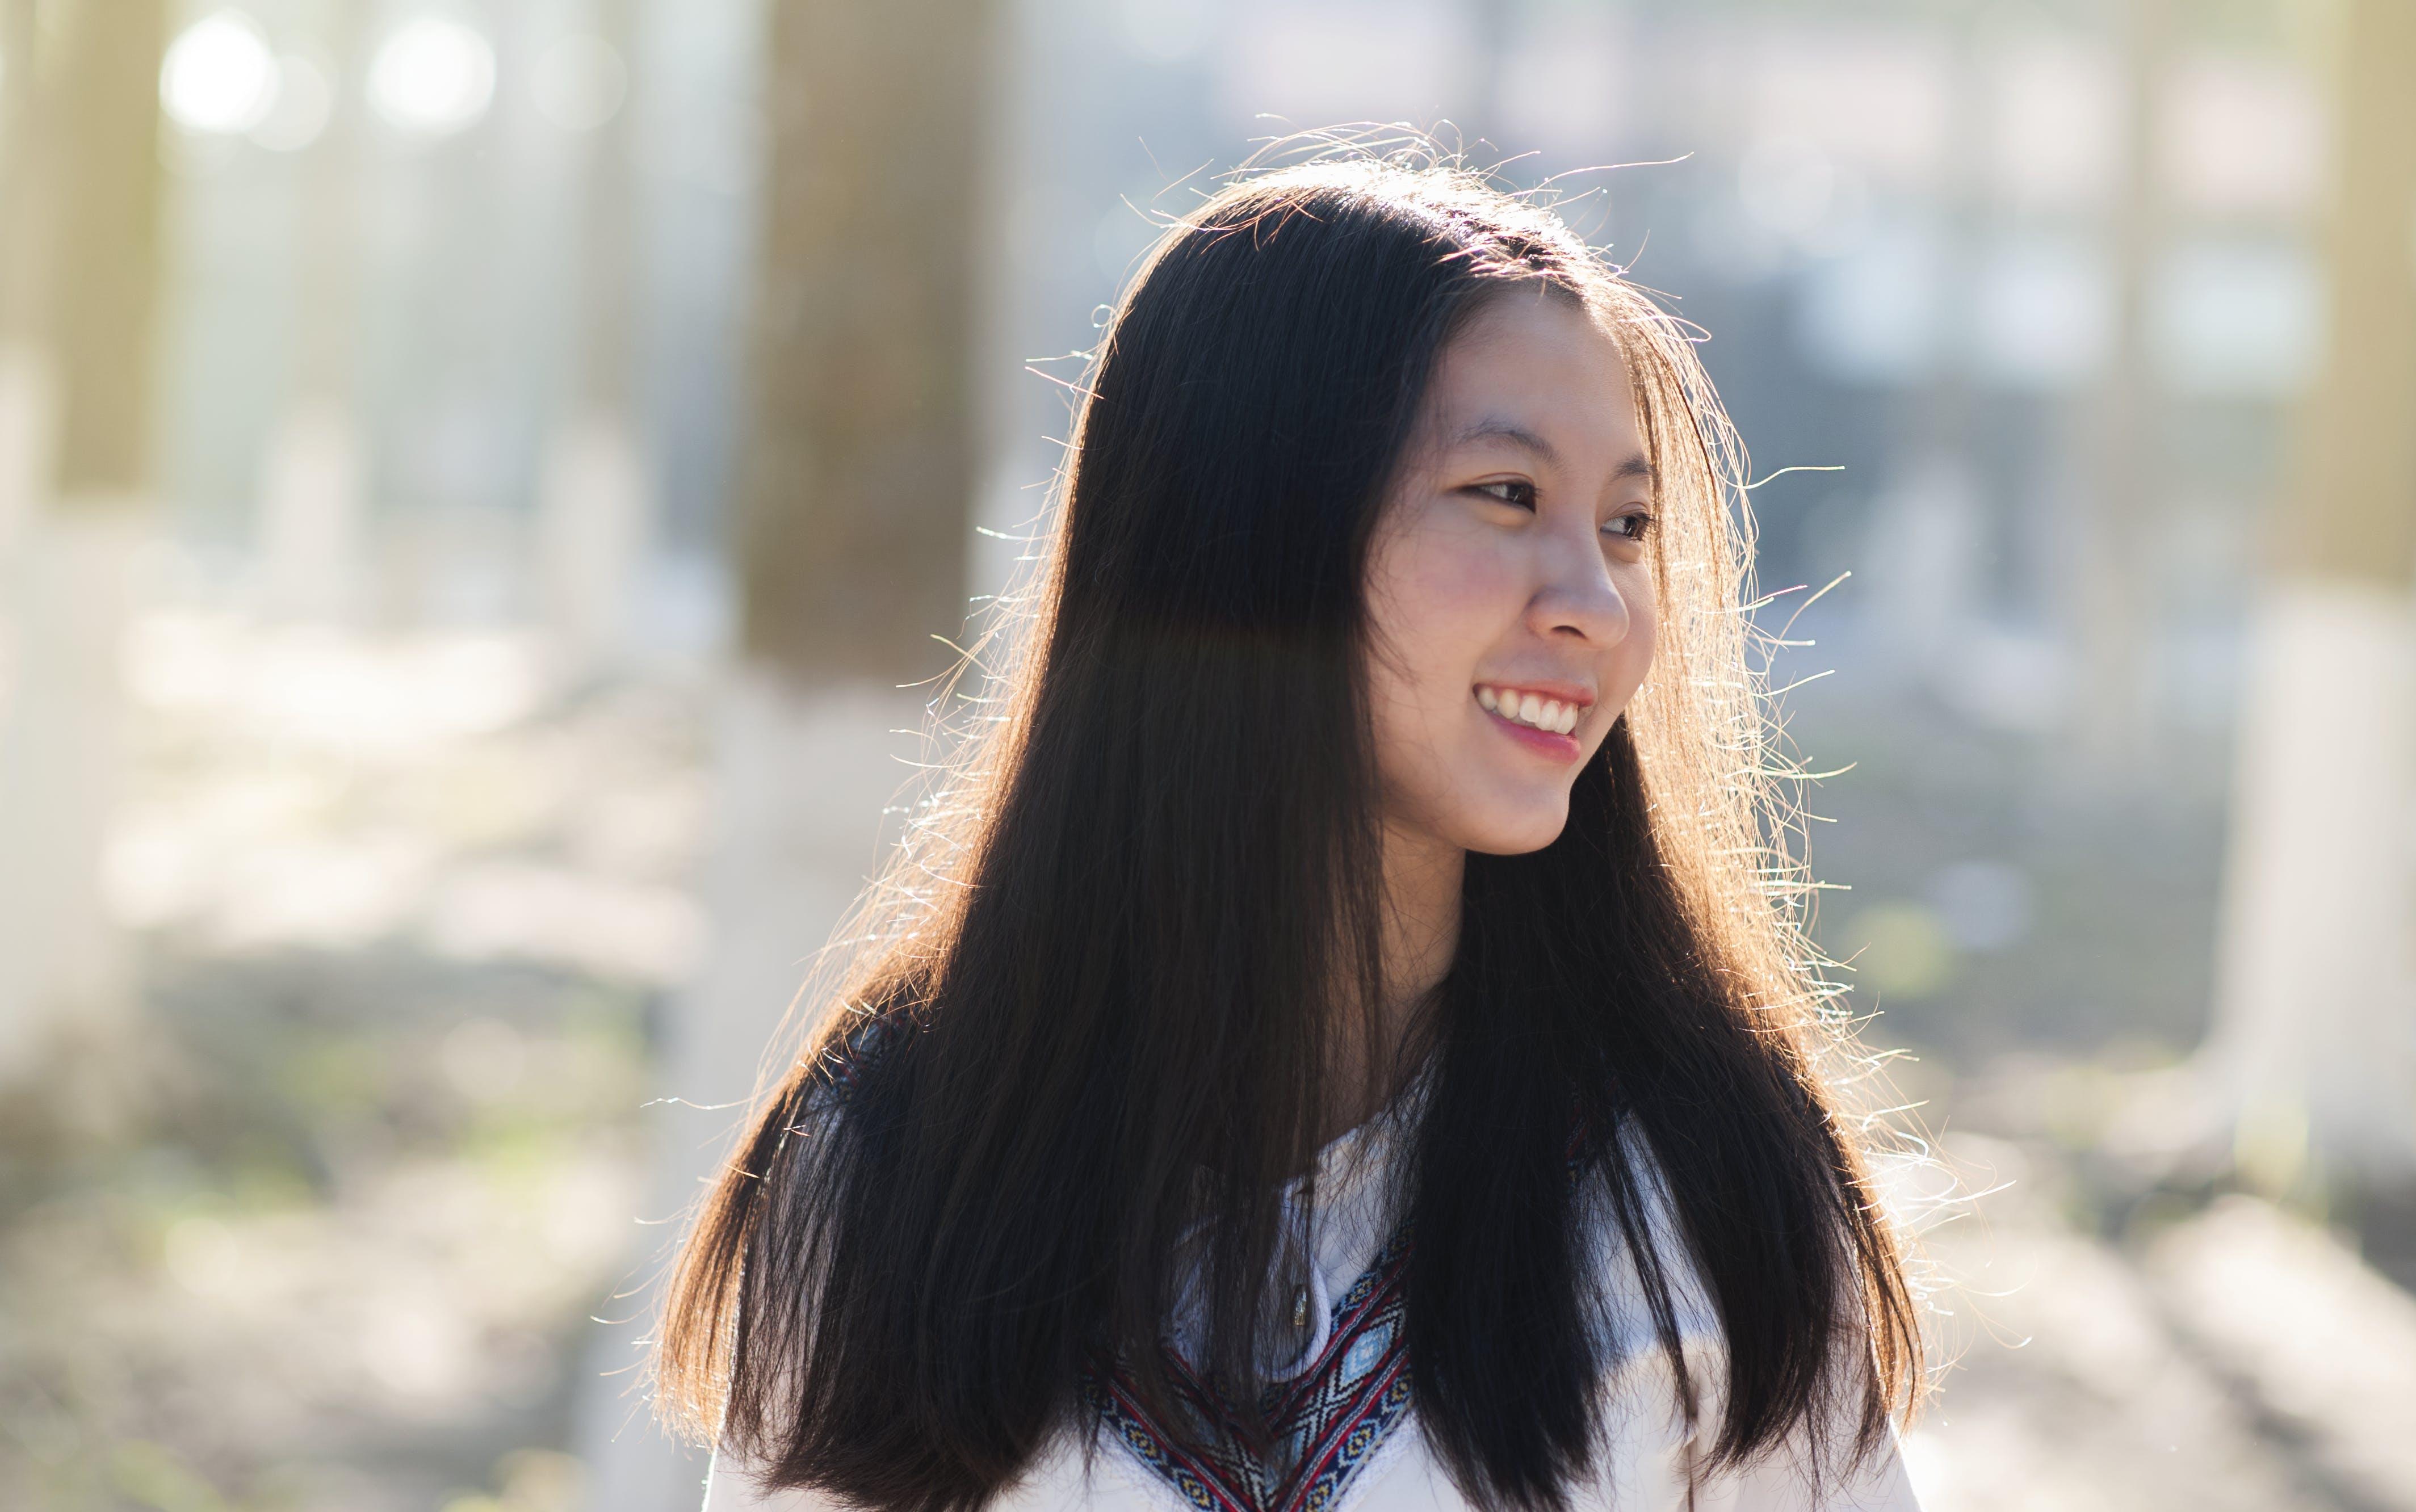 Girl Wearing Drawstring Shirt